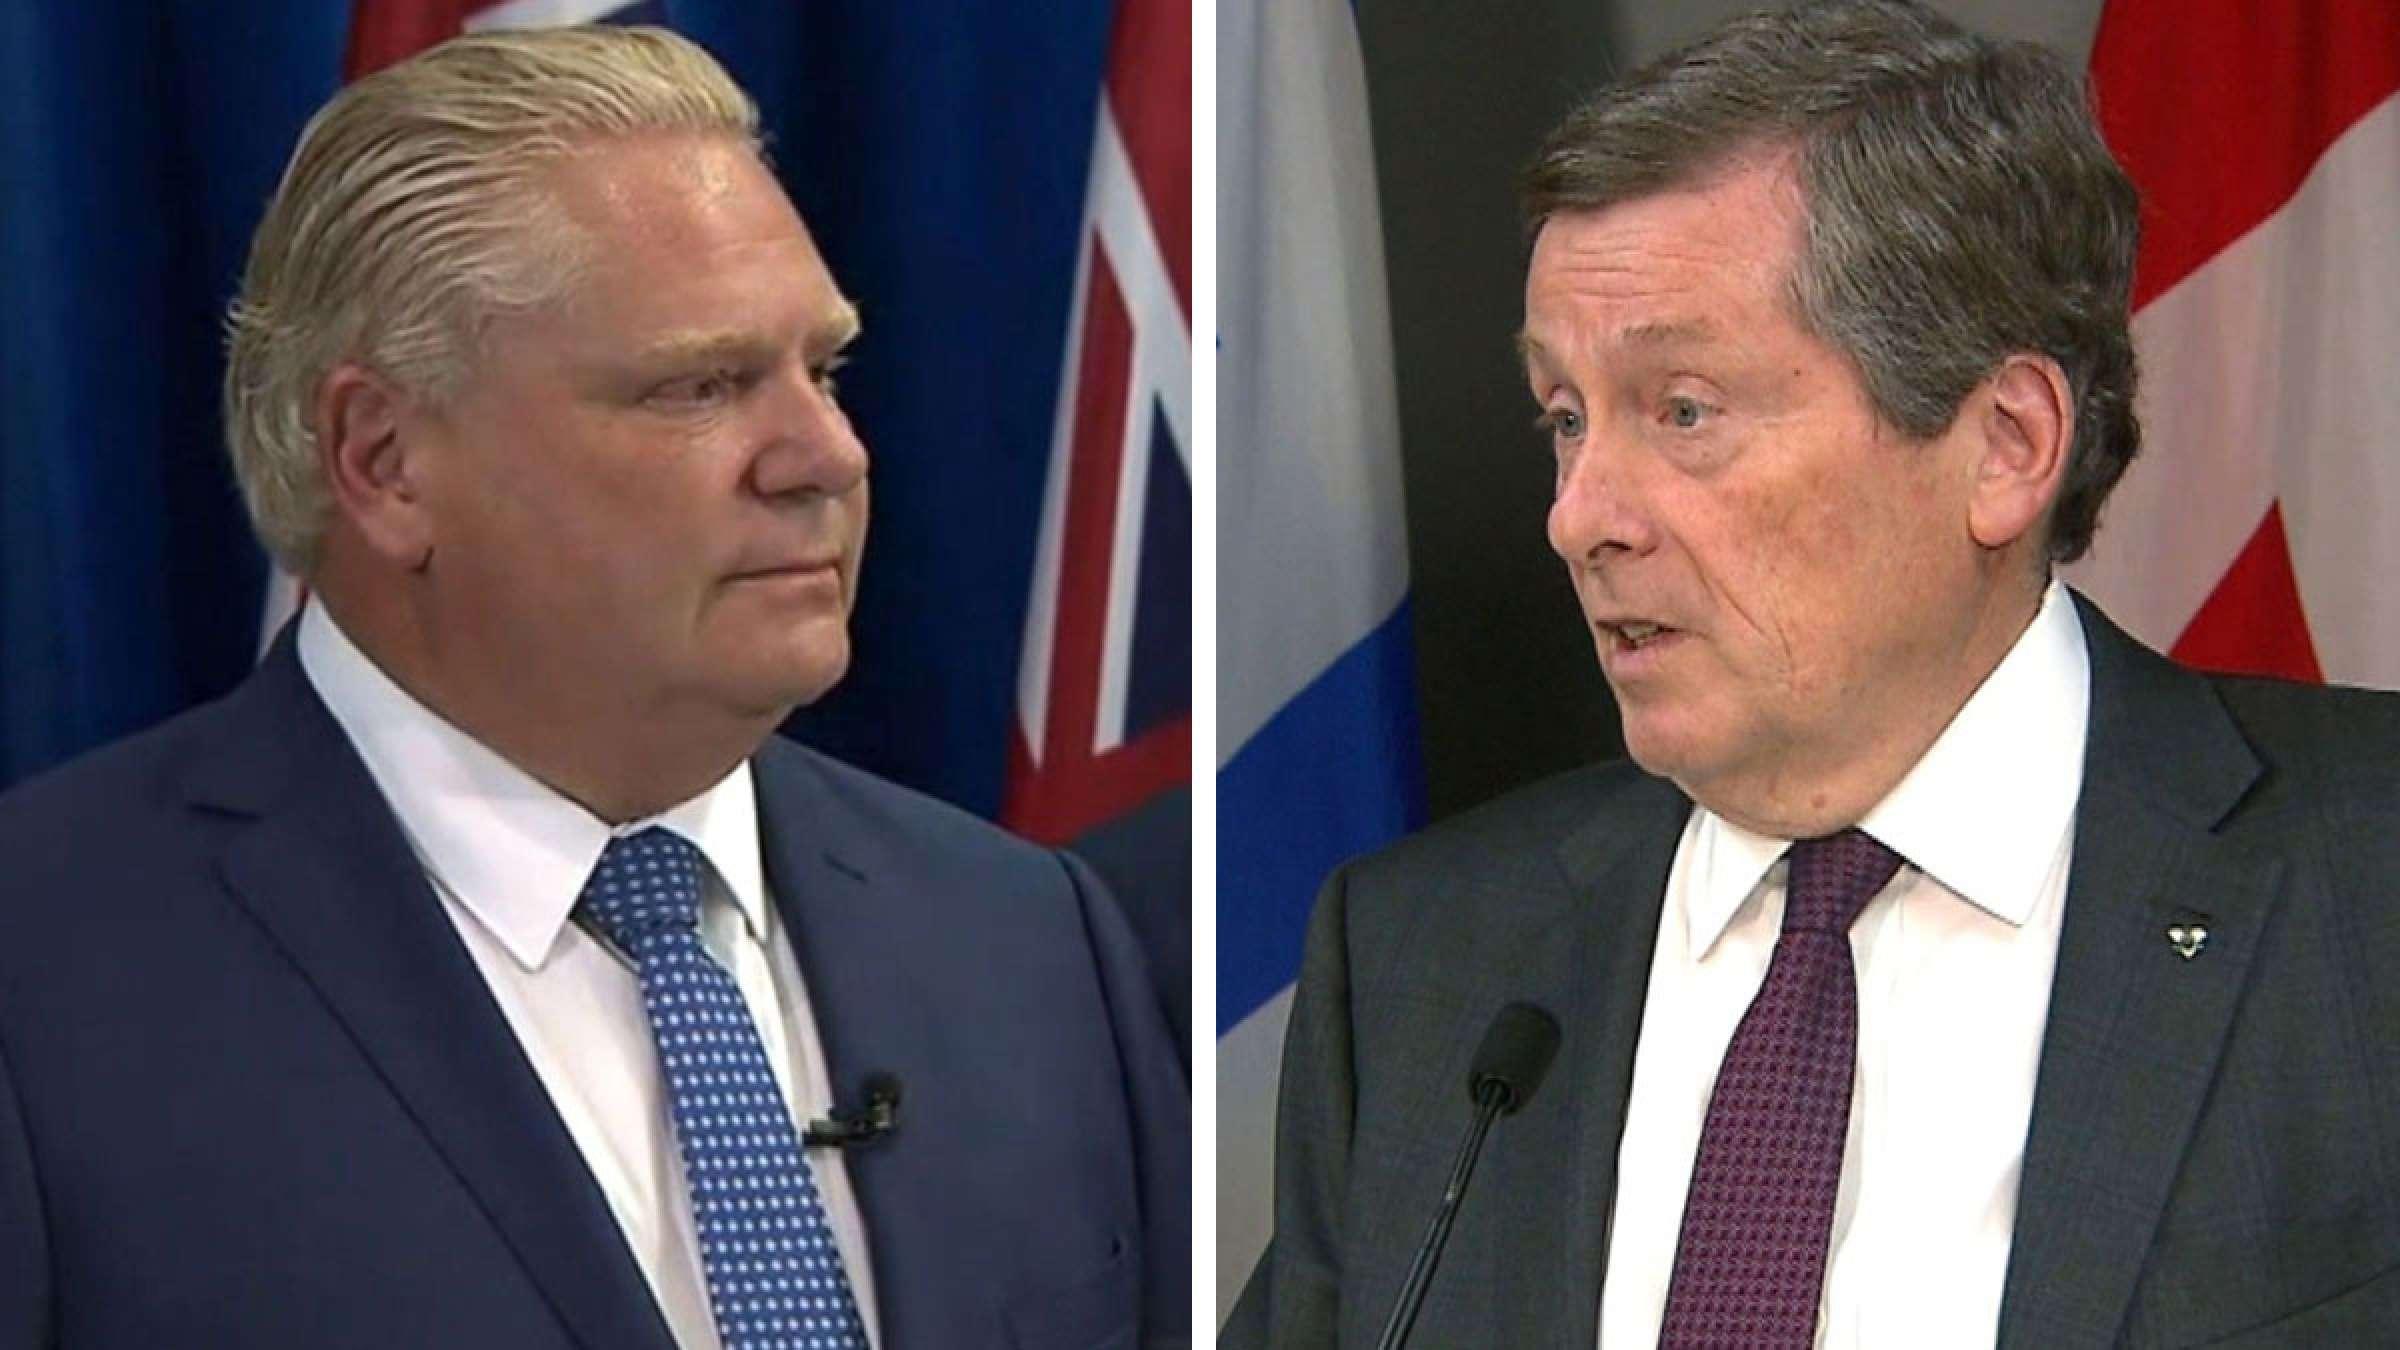 اخبار-تورنتو-آغاز-بازگشایی-های-تورنتو-و-عصانیت-فورد-از-آزمایشات-کم